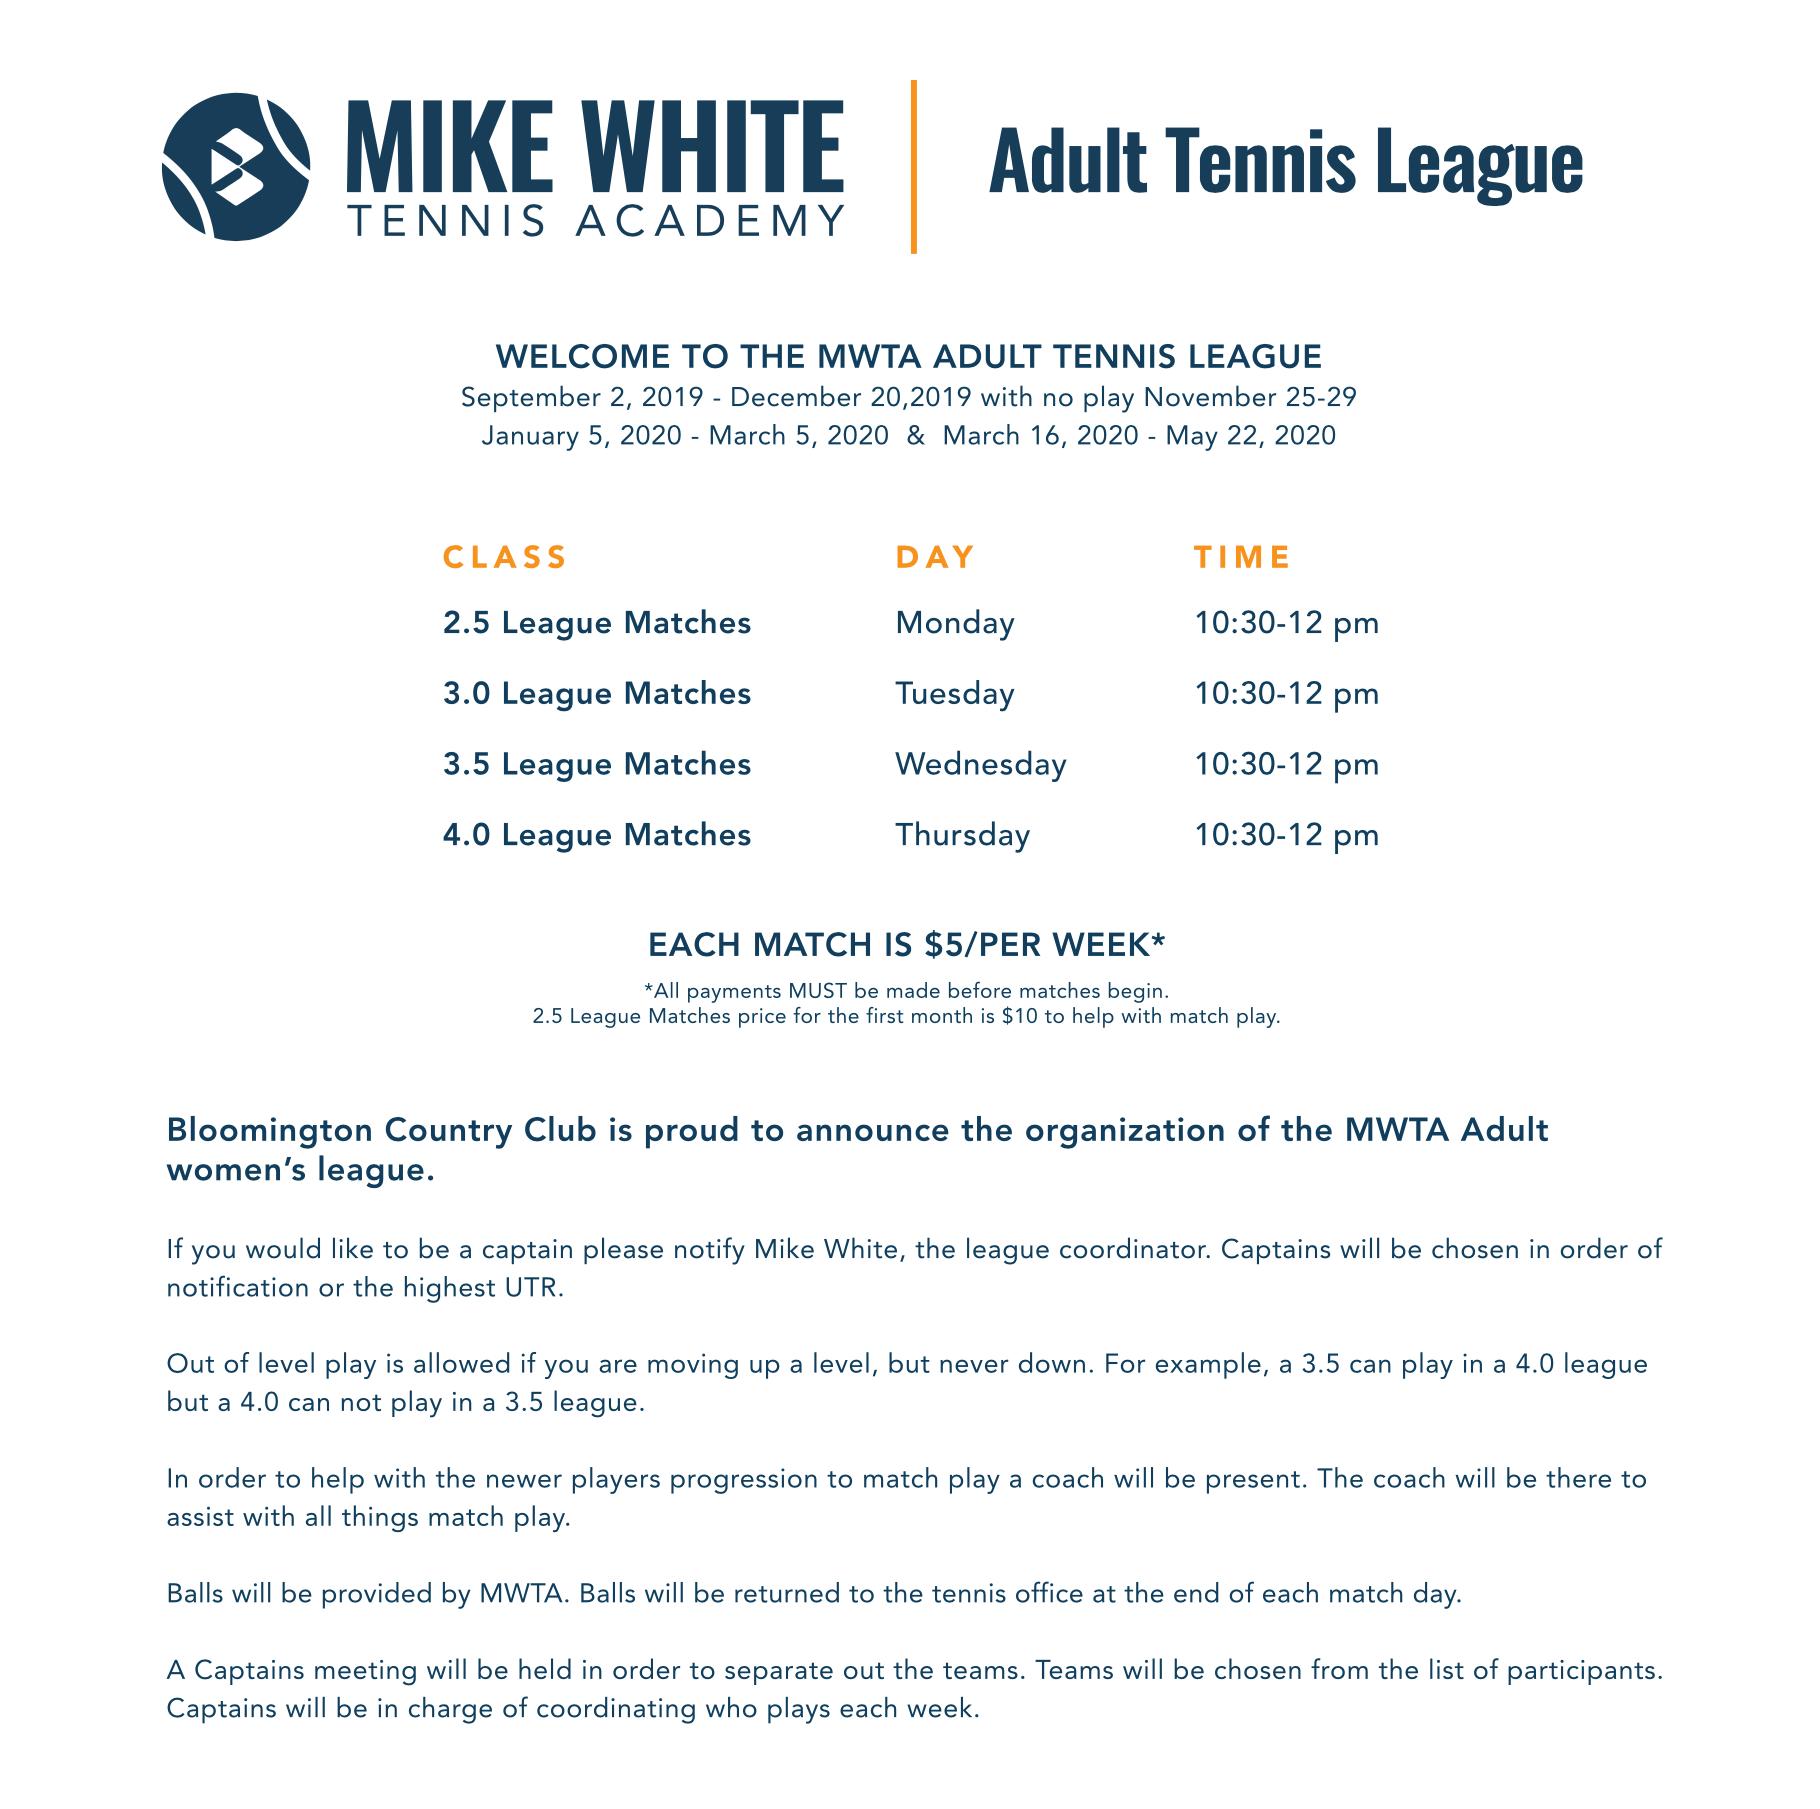 adult-tennis-league.png